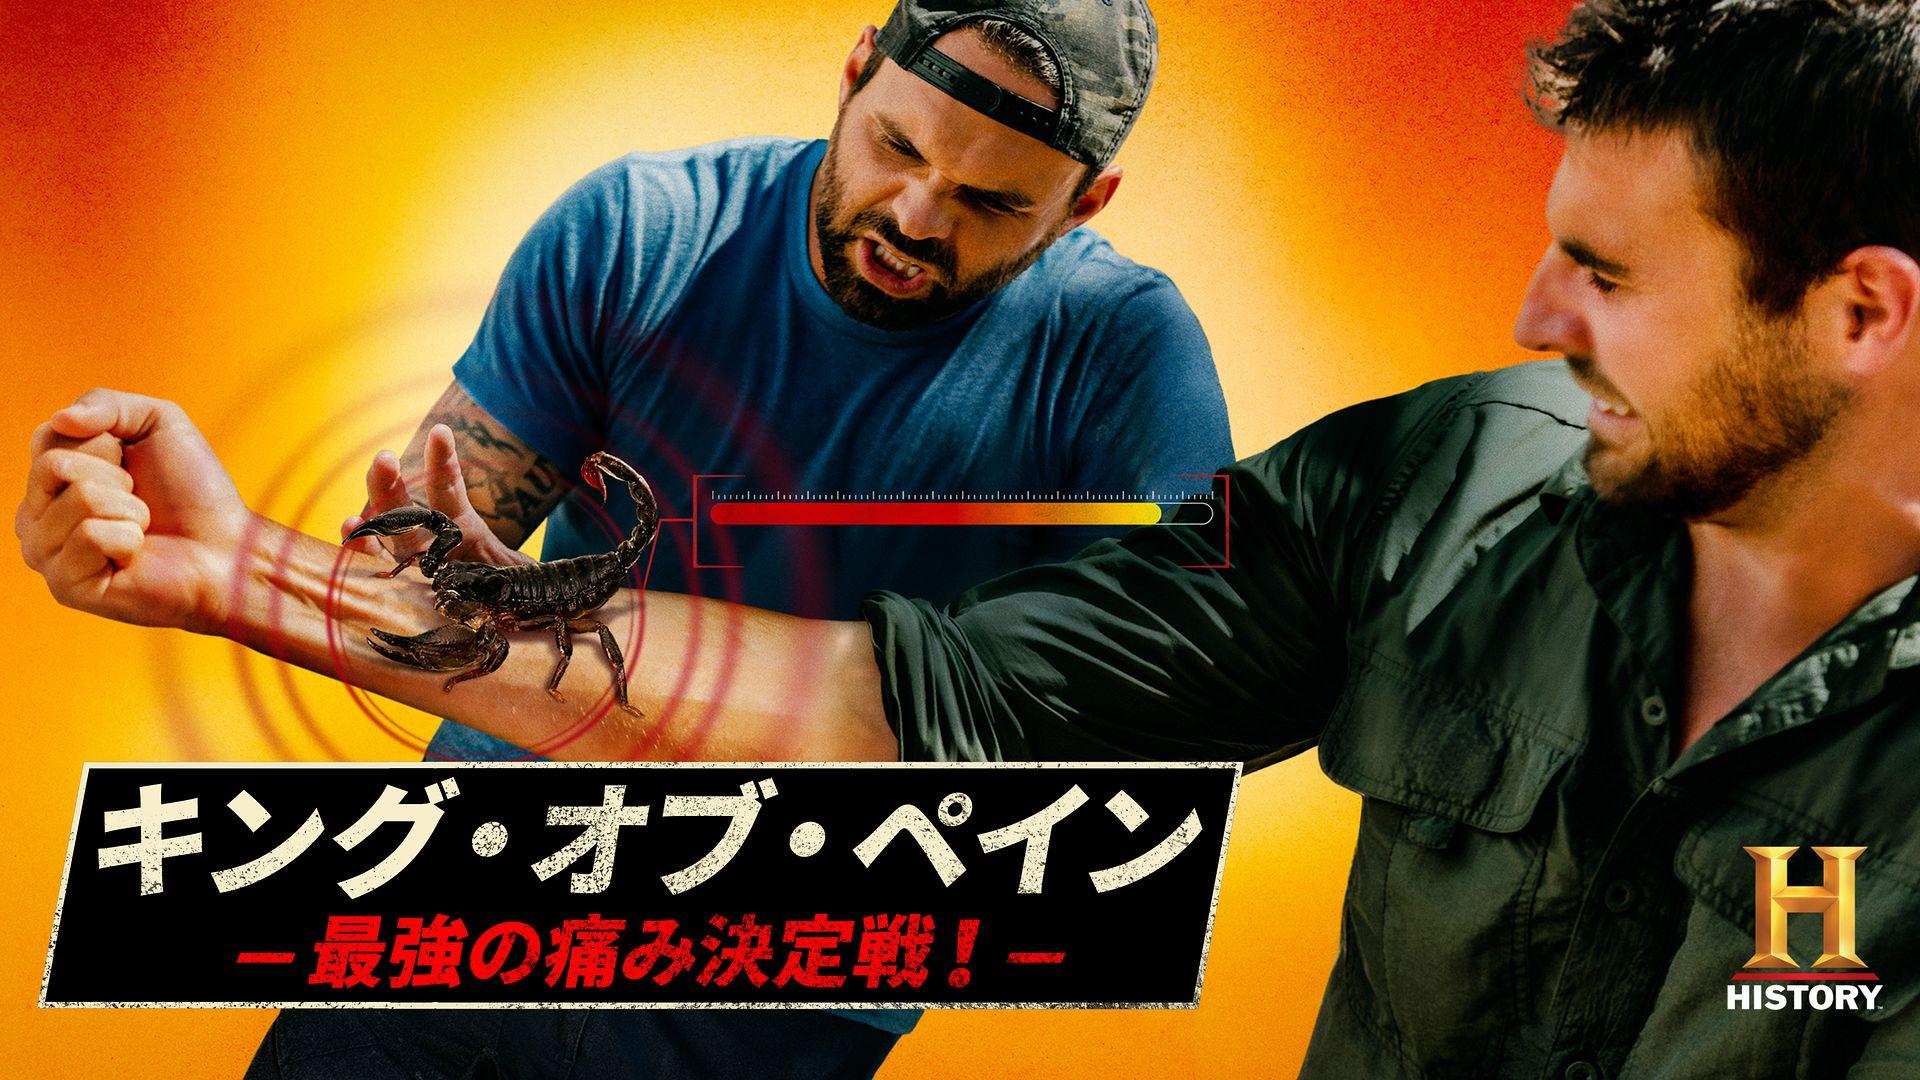 キング・オブ・ペイン -最強の痛み決定戦!-